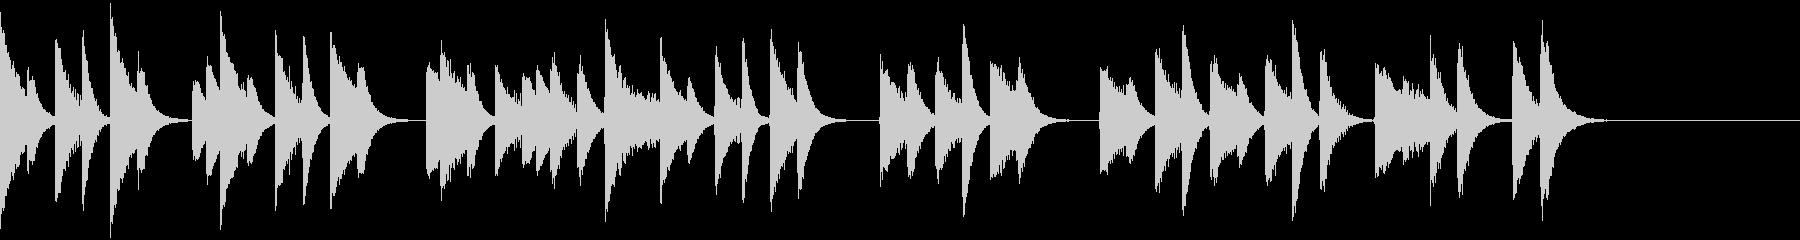 軽やかでコミカルなピアノジングルの未再生の波形